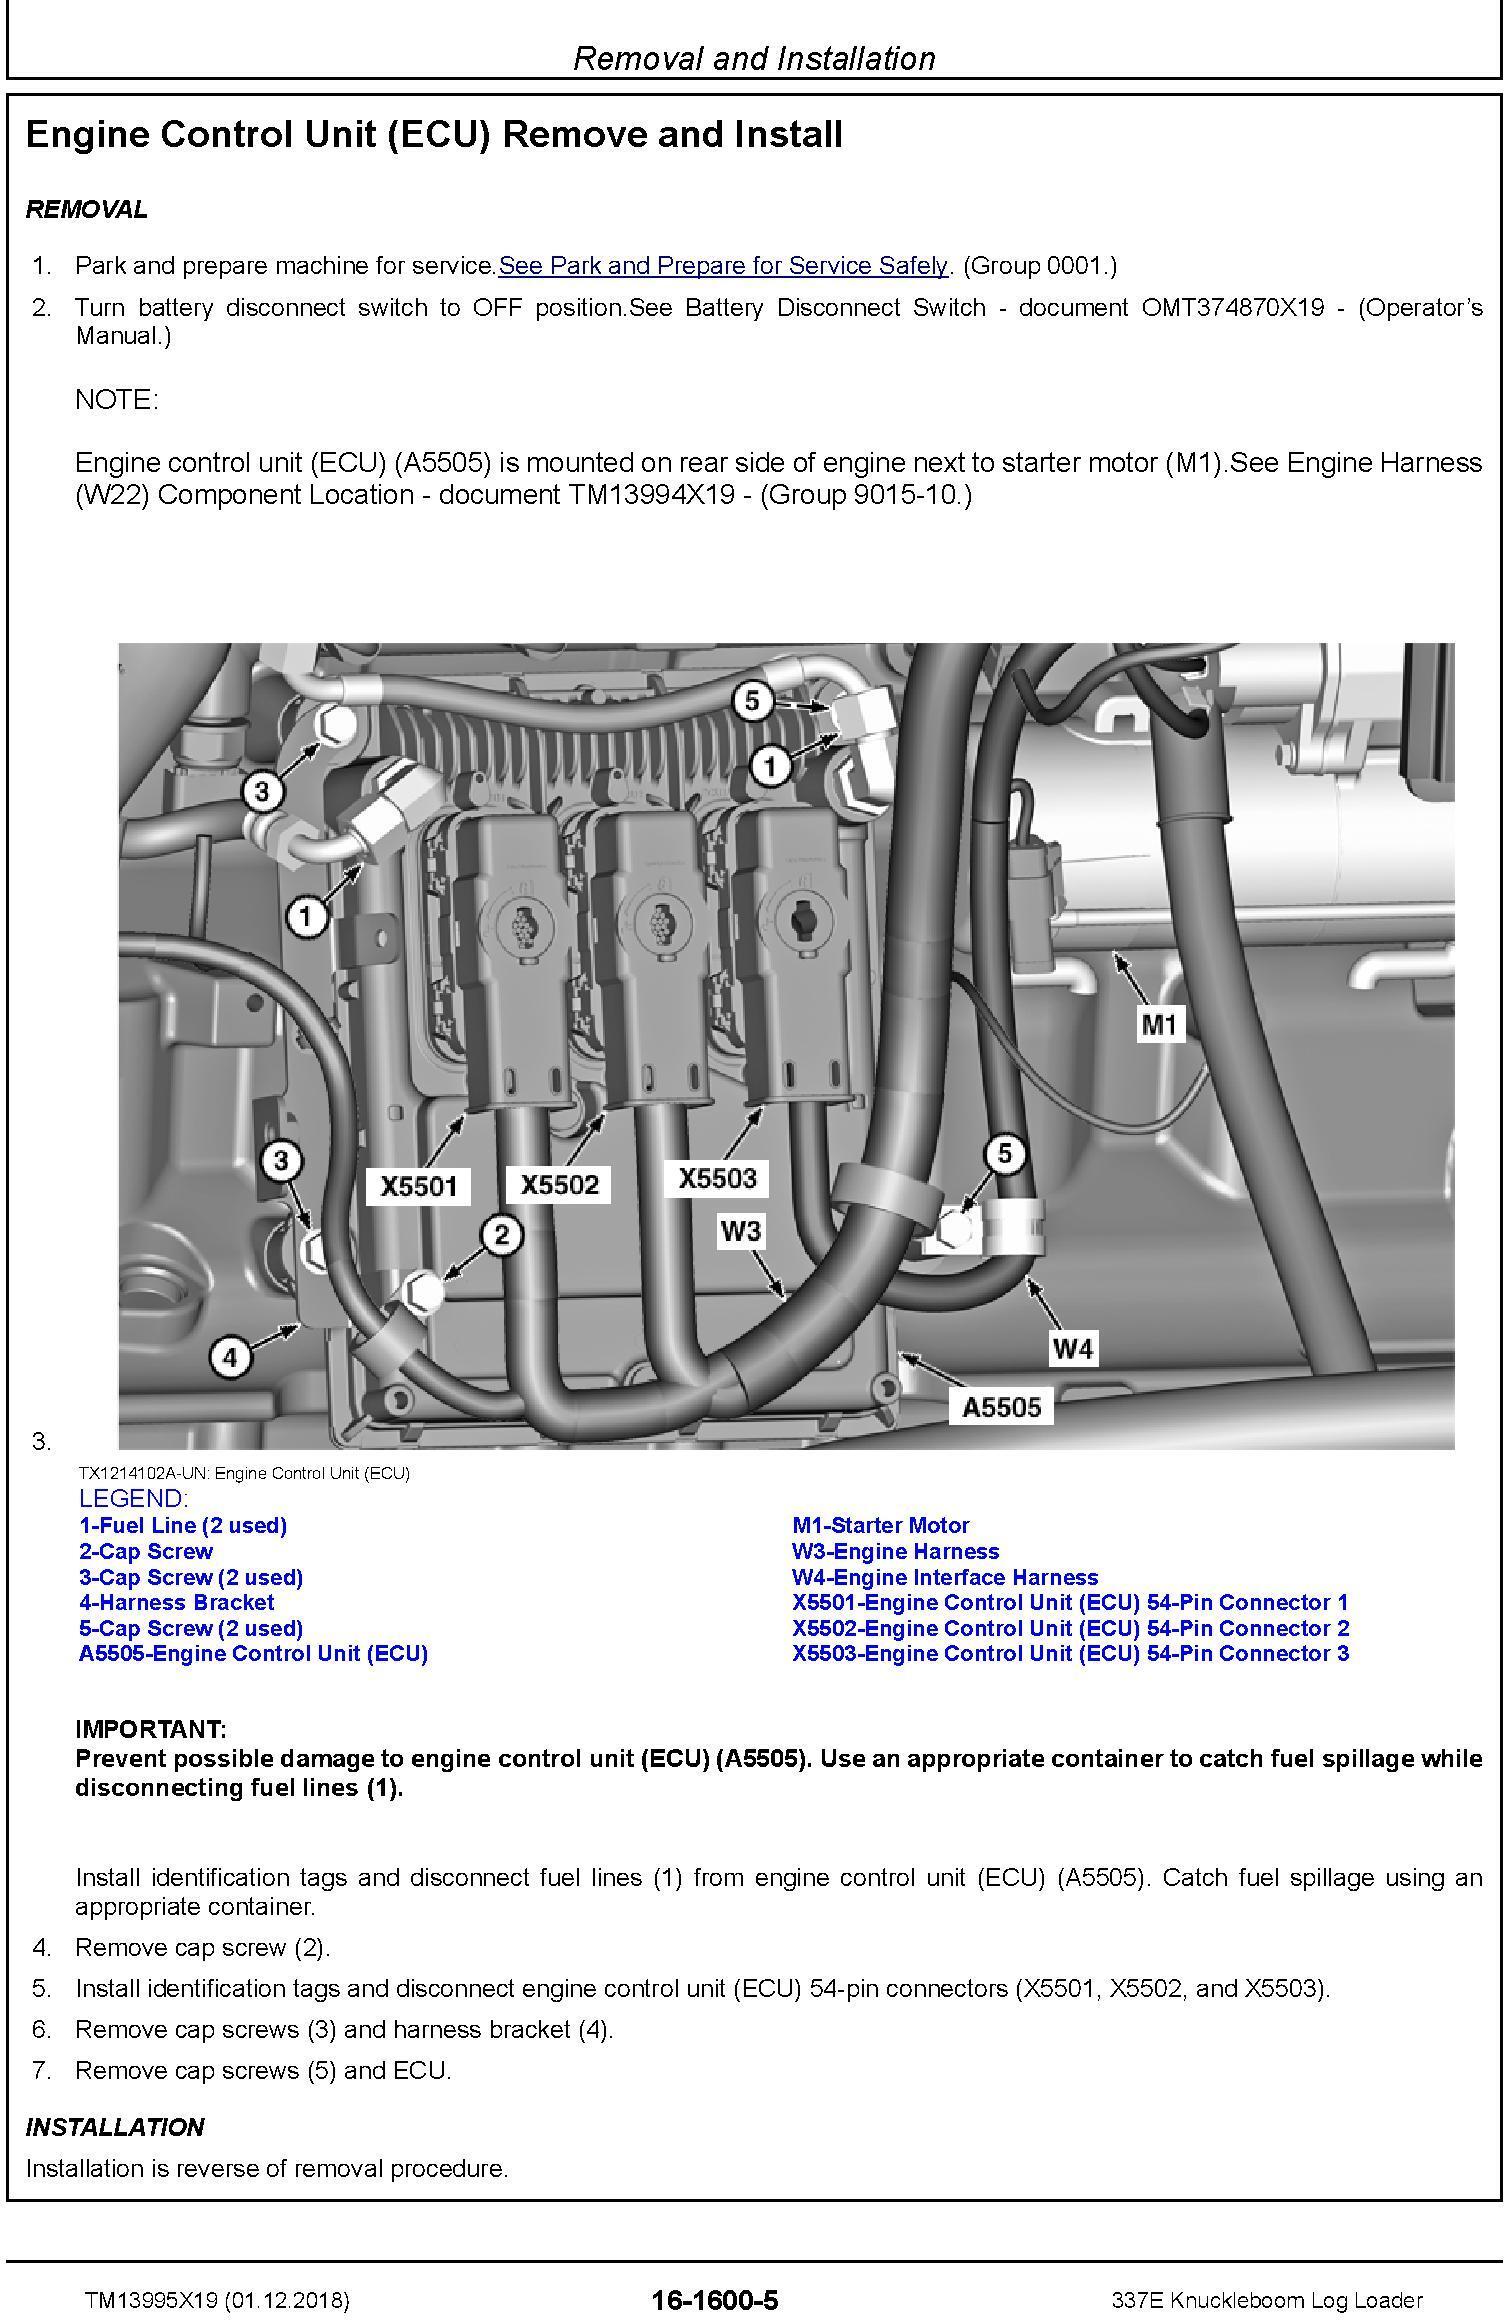 John Deere 337E (SN. C306736-) Knuckleboom Log Loader Repair Manual (TM13995X19) - 3